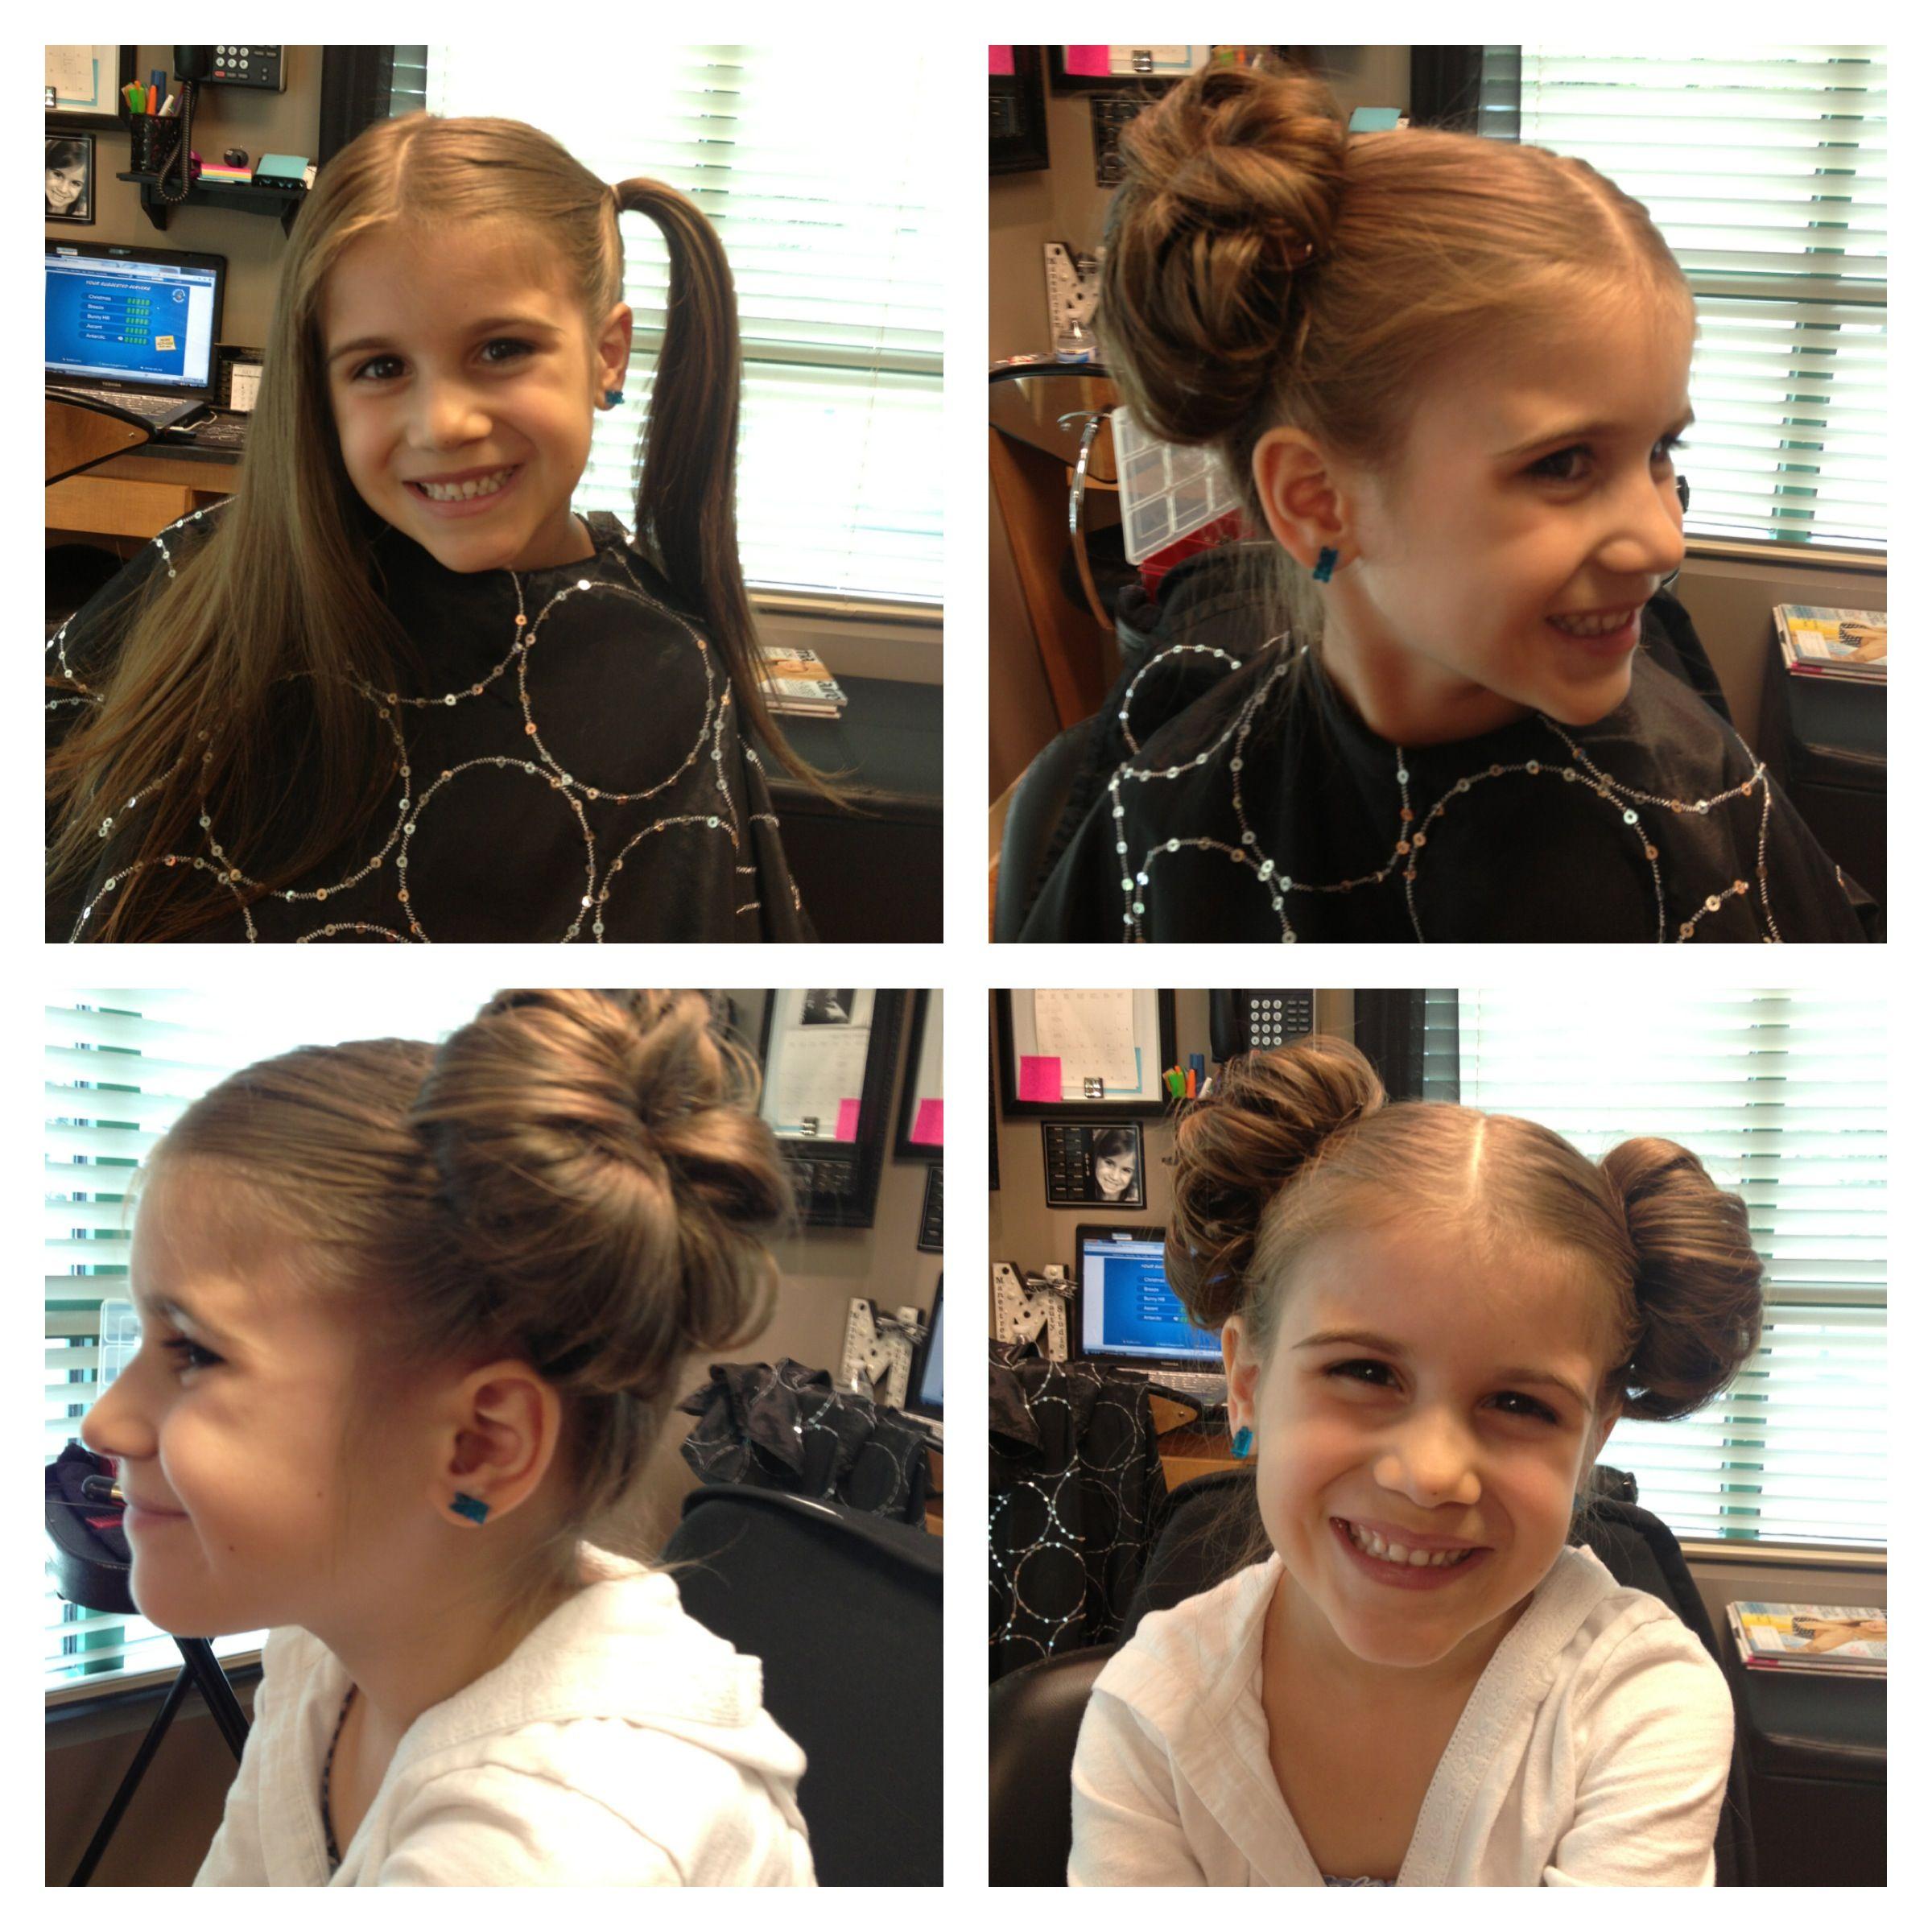 Princess Leia Hair Star Wars Hair by Melissa Lobaito